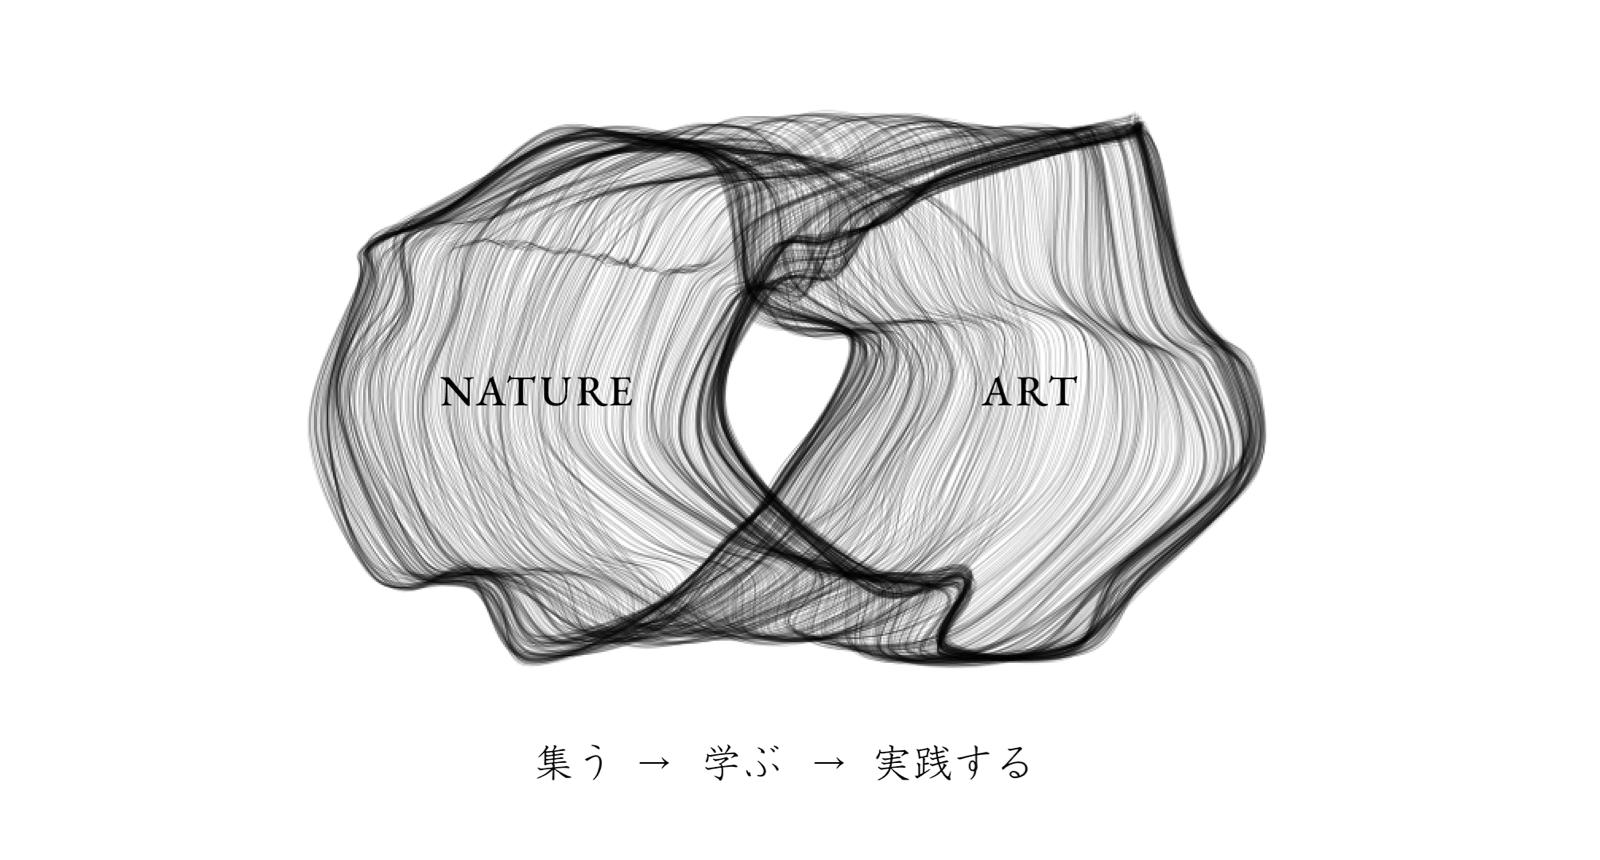 集う→学ぶ→実践する